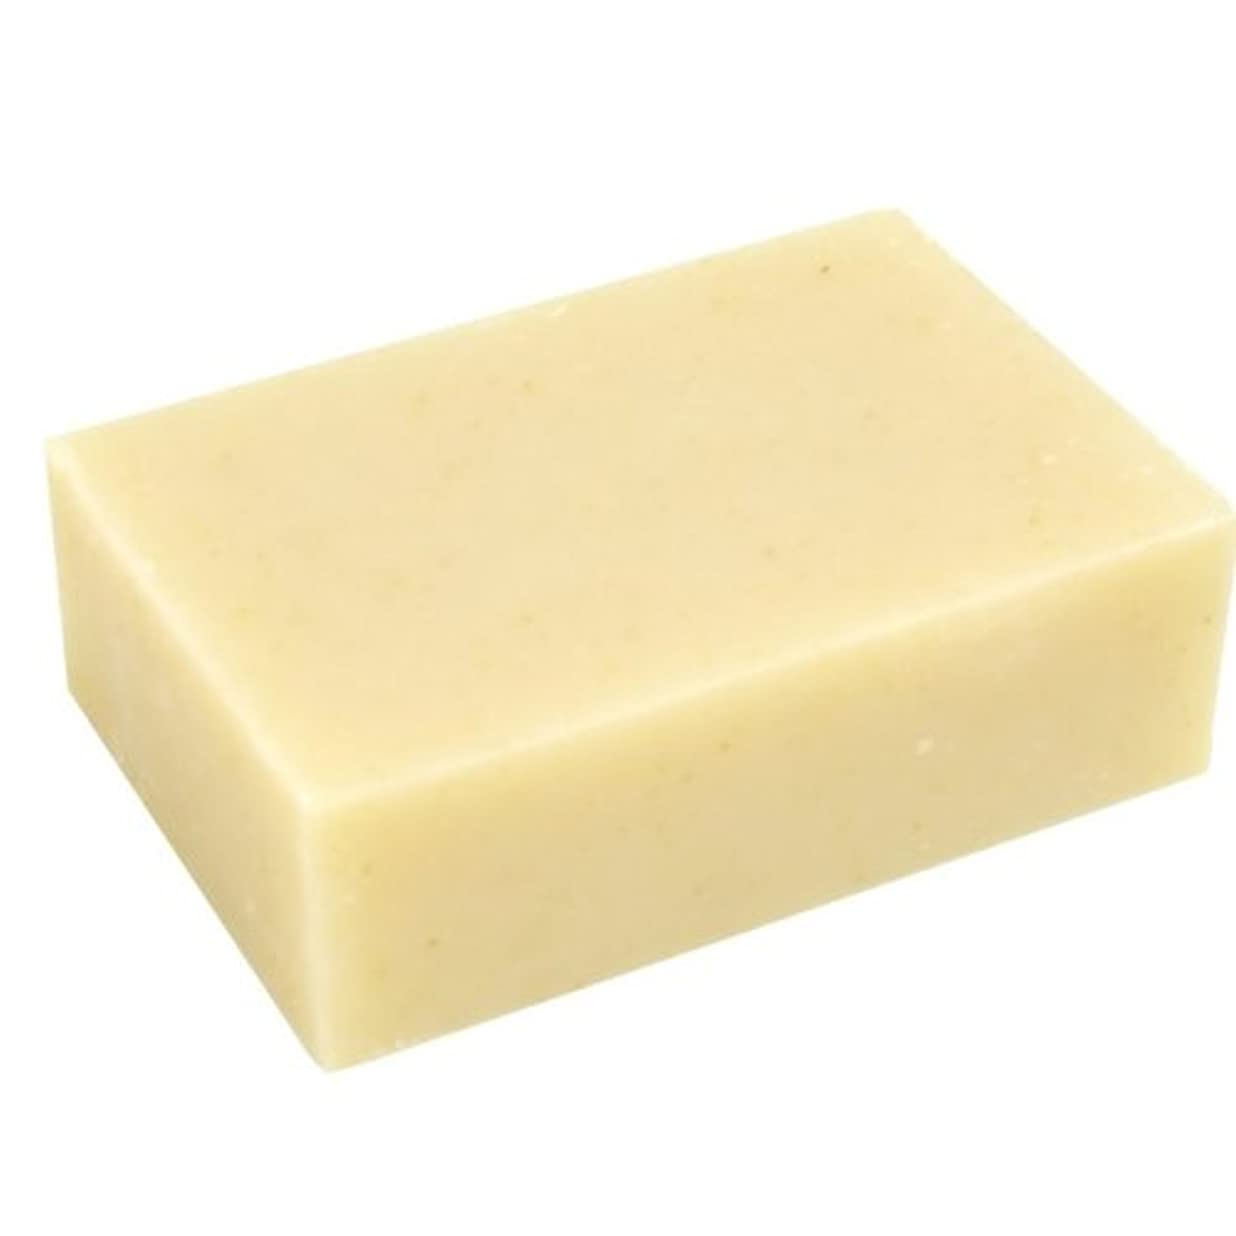 HAWAIIAN BATH & BODY SOAP ゼラニウム